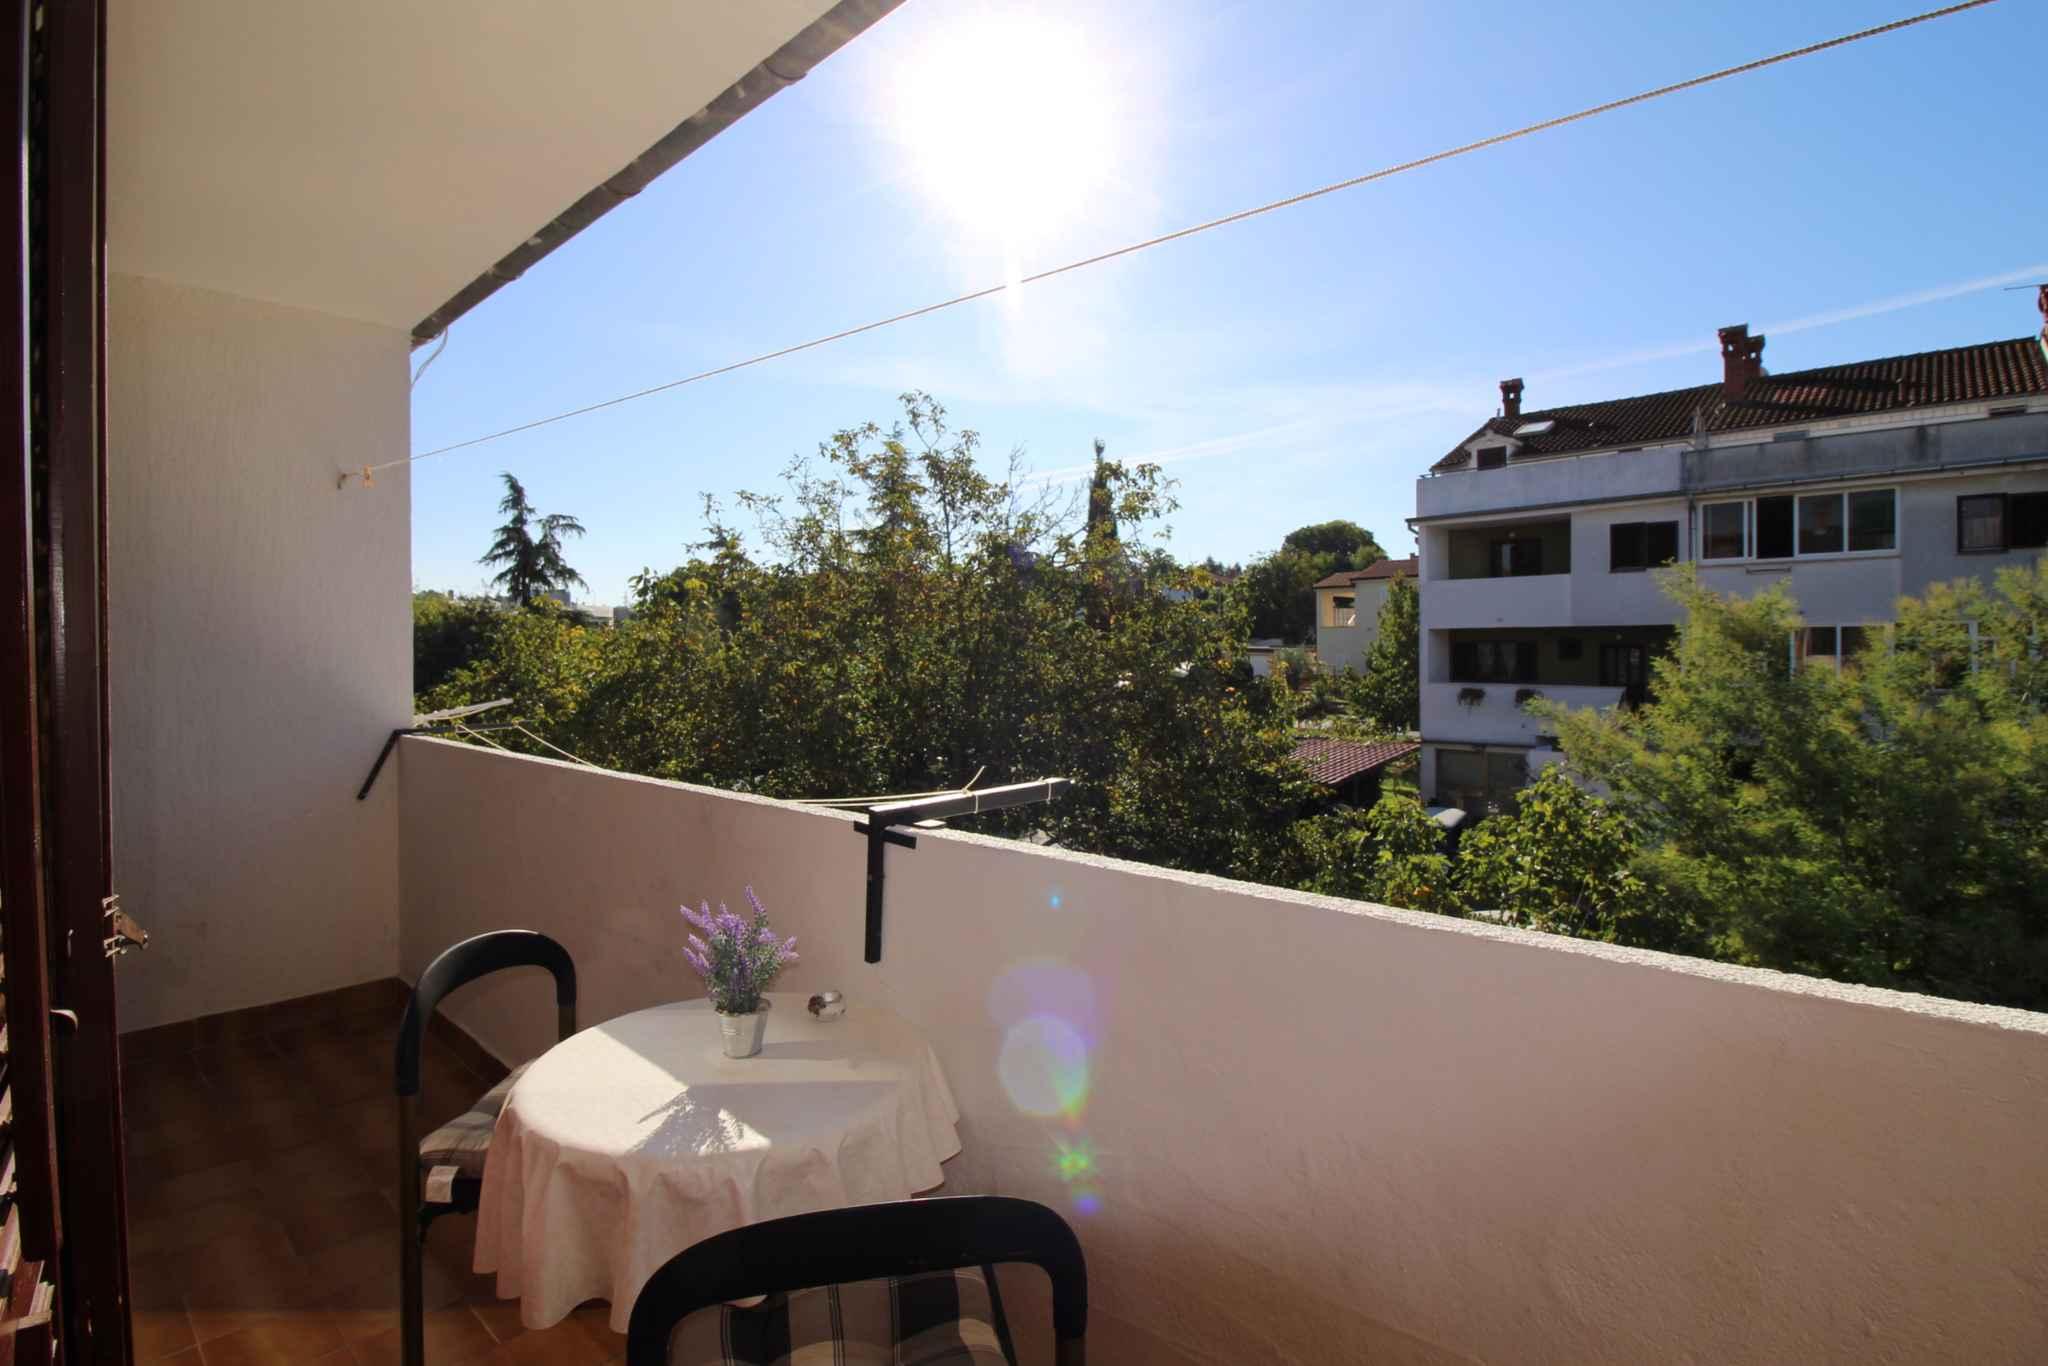 Ferienwohnung in der Nähe der Altstadt (280262), Porec, , Istrien, Kroatien, Bild 12